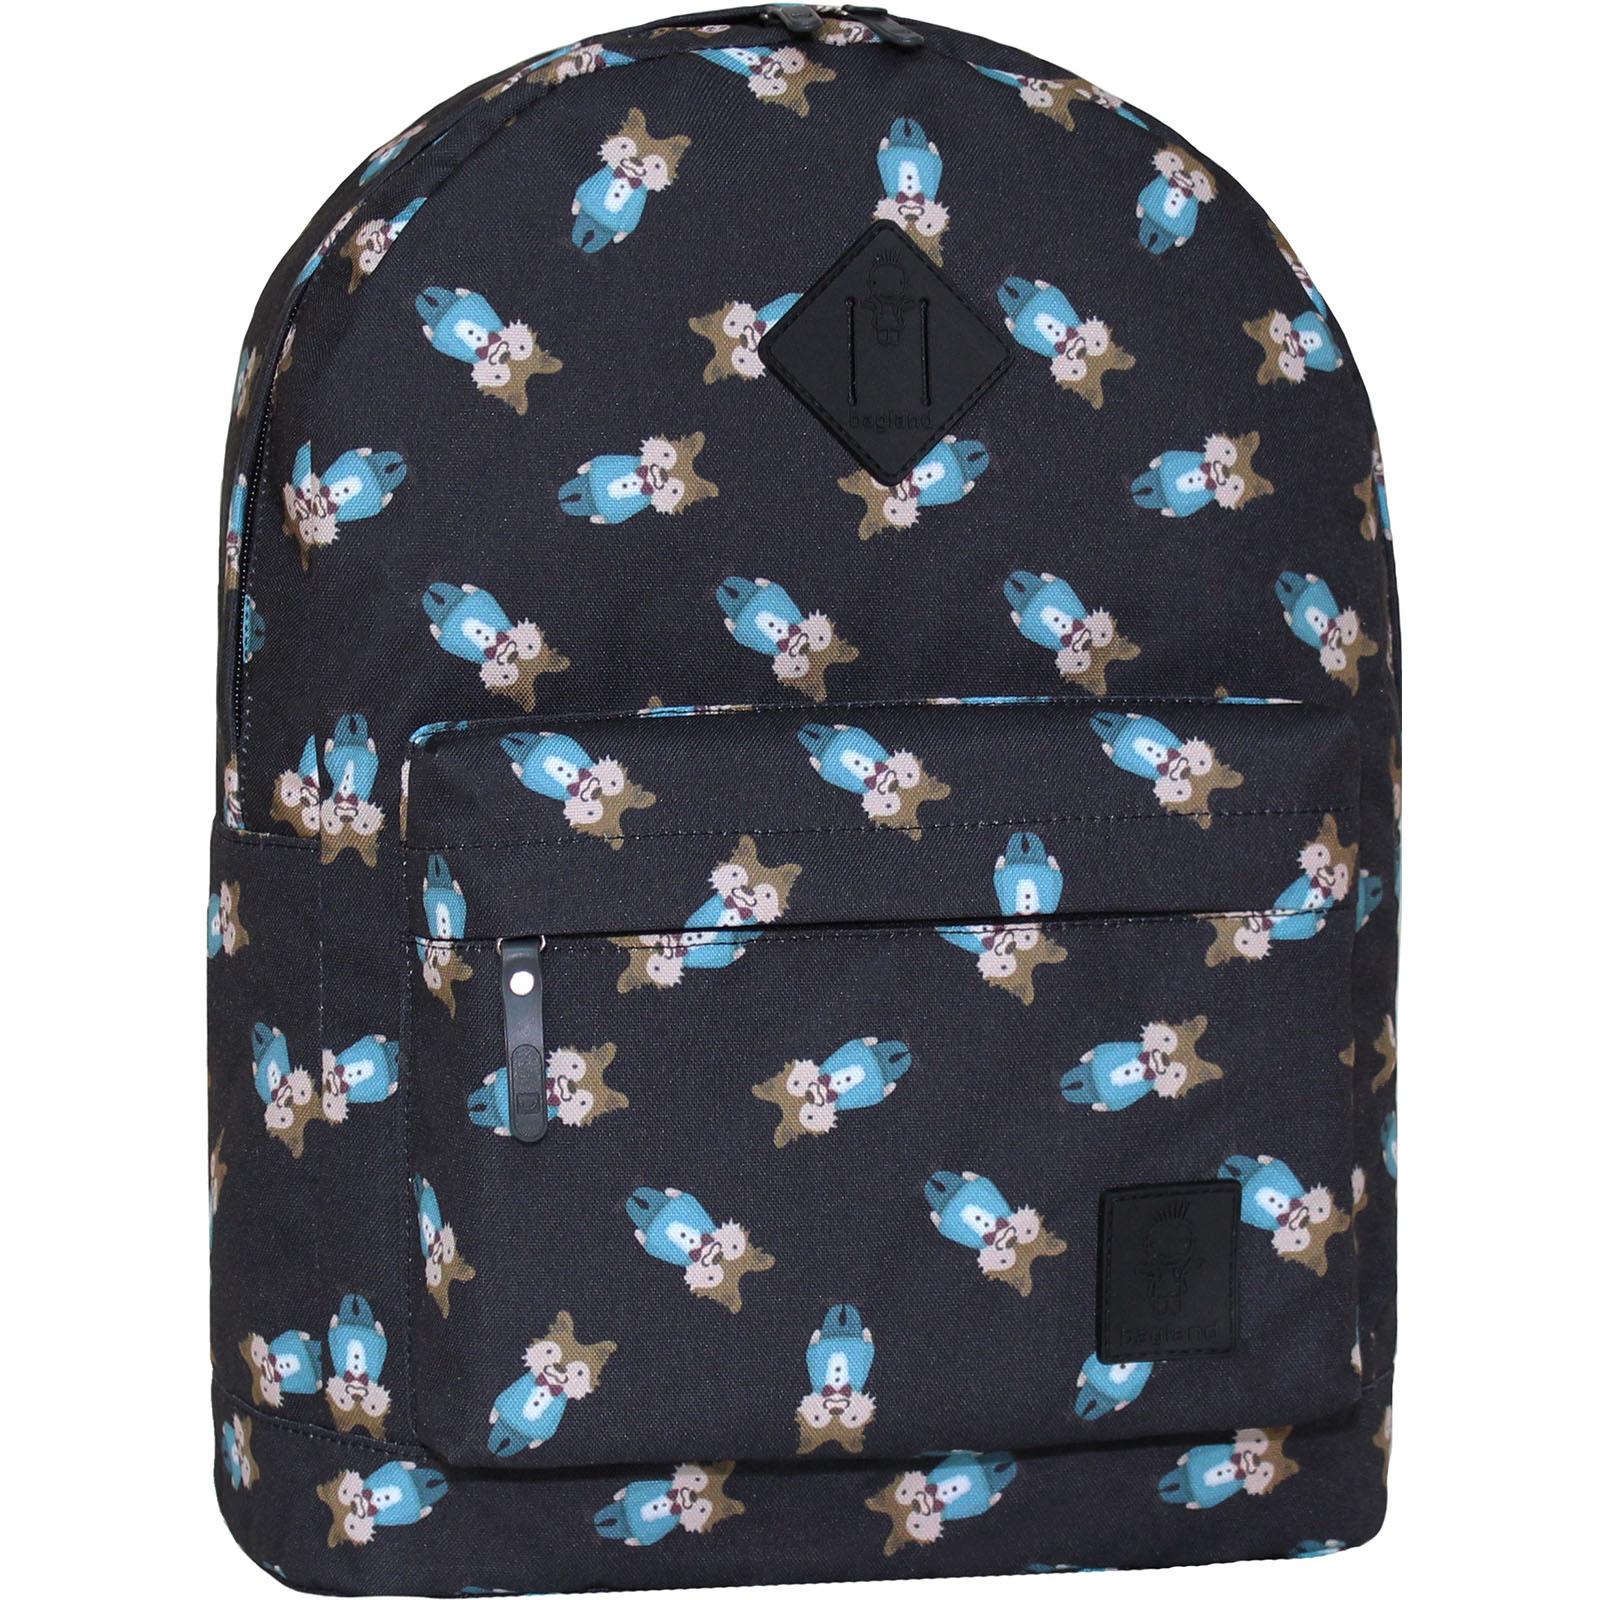 Городские рюкзаки Рюкзак Bagland Молодежный (дизайн) 17 л. сублимация (бурундуки) (00533664) IMG_3944.JPG